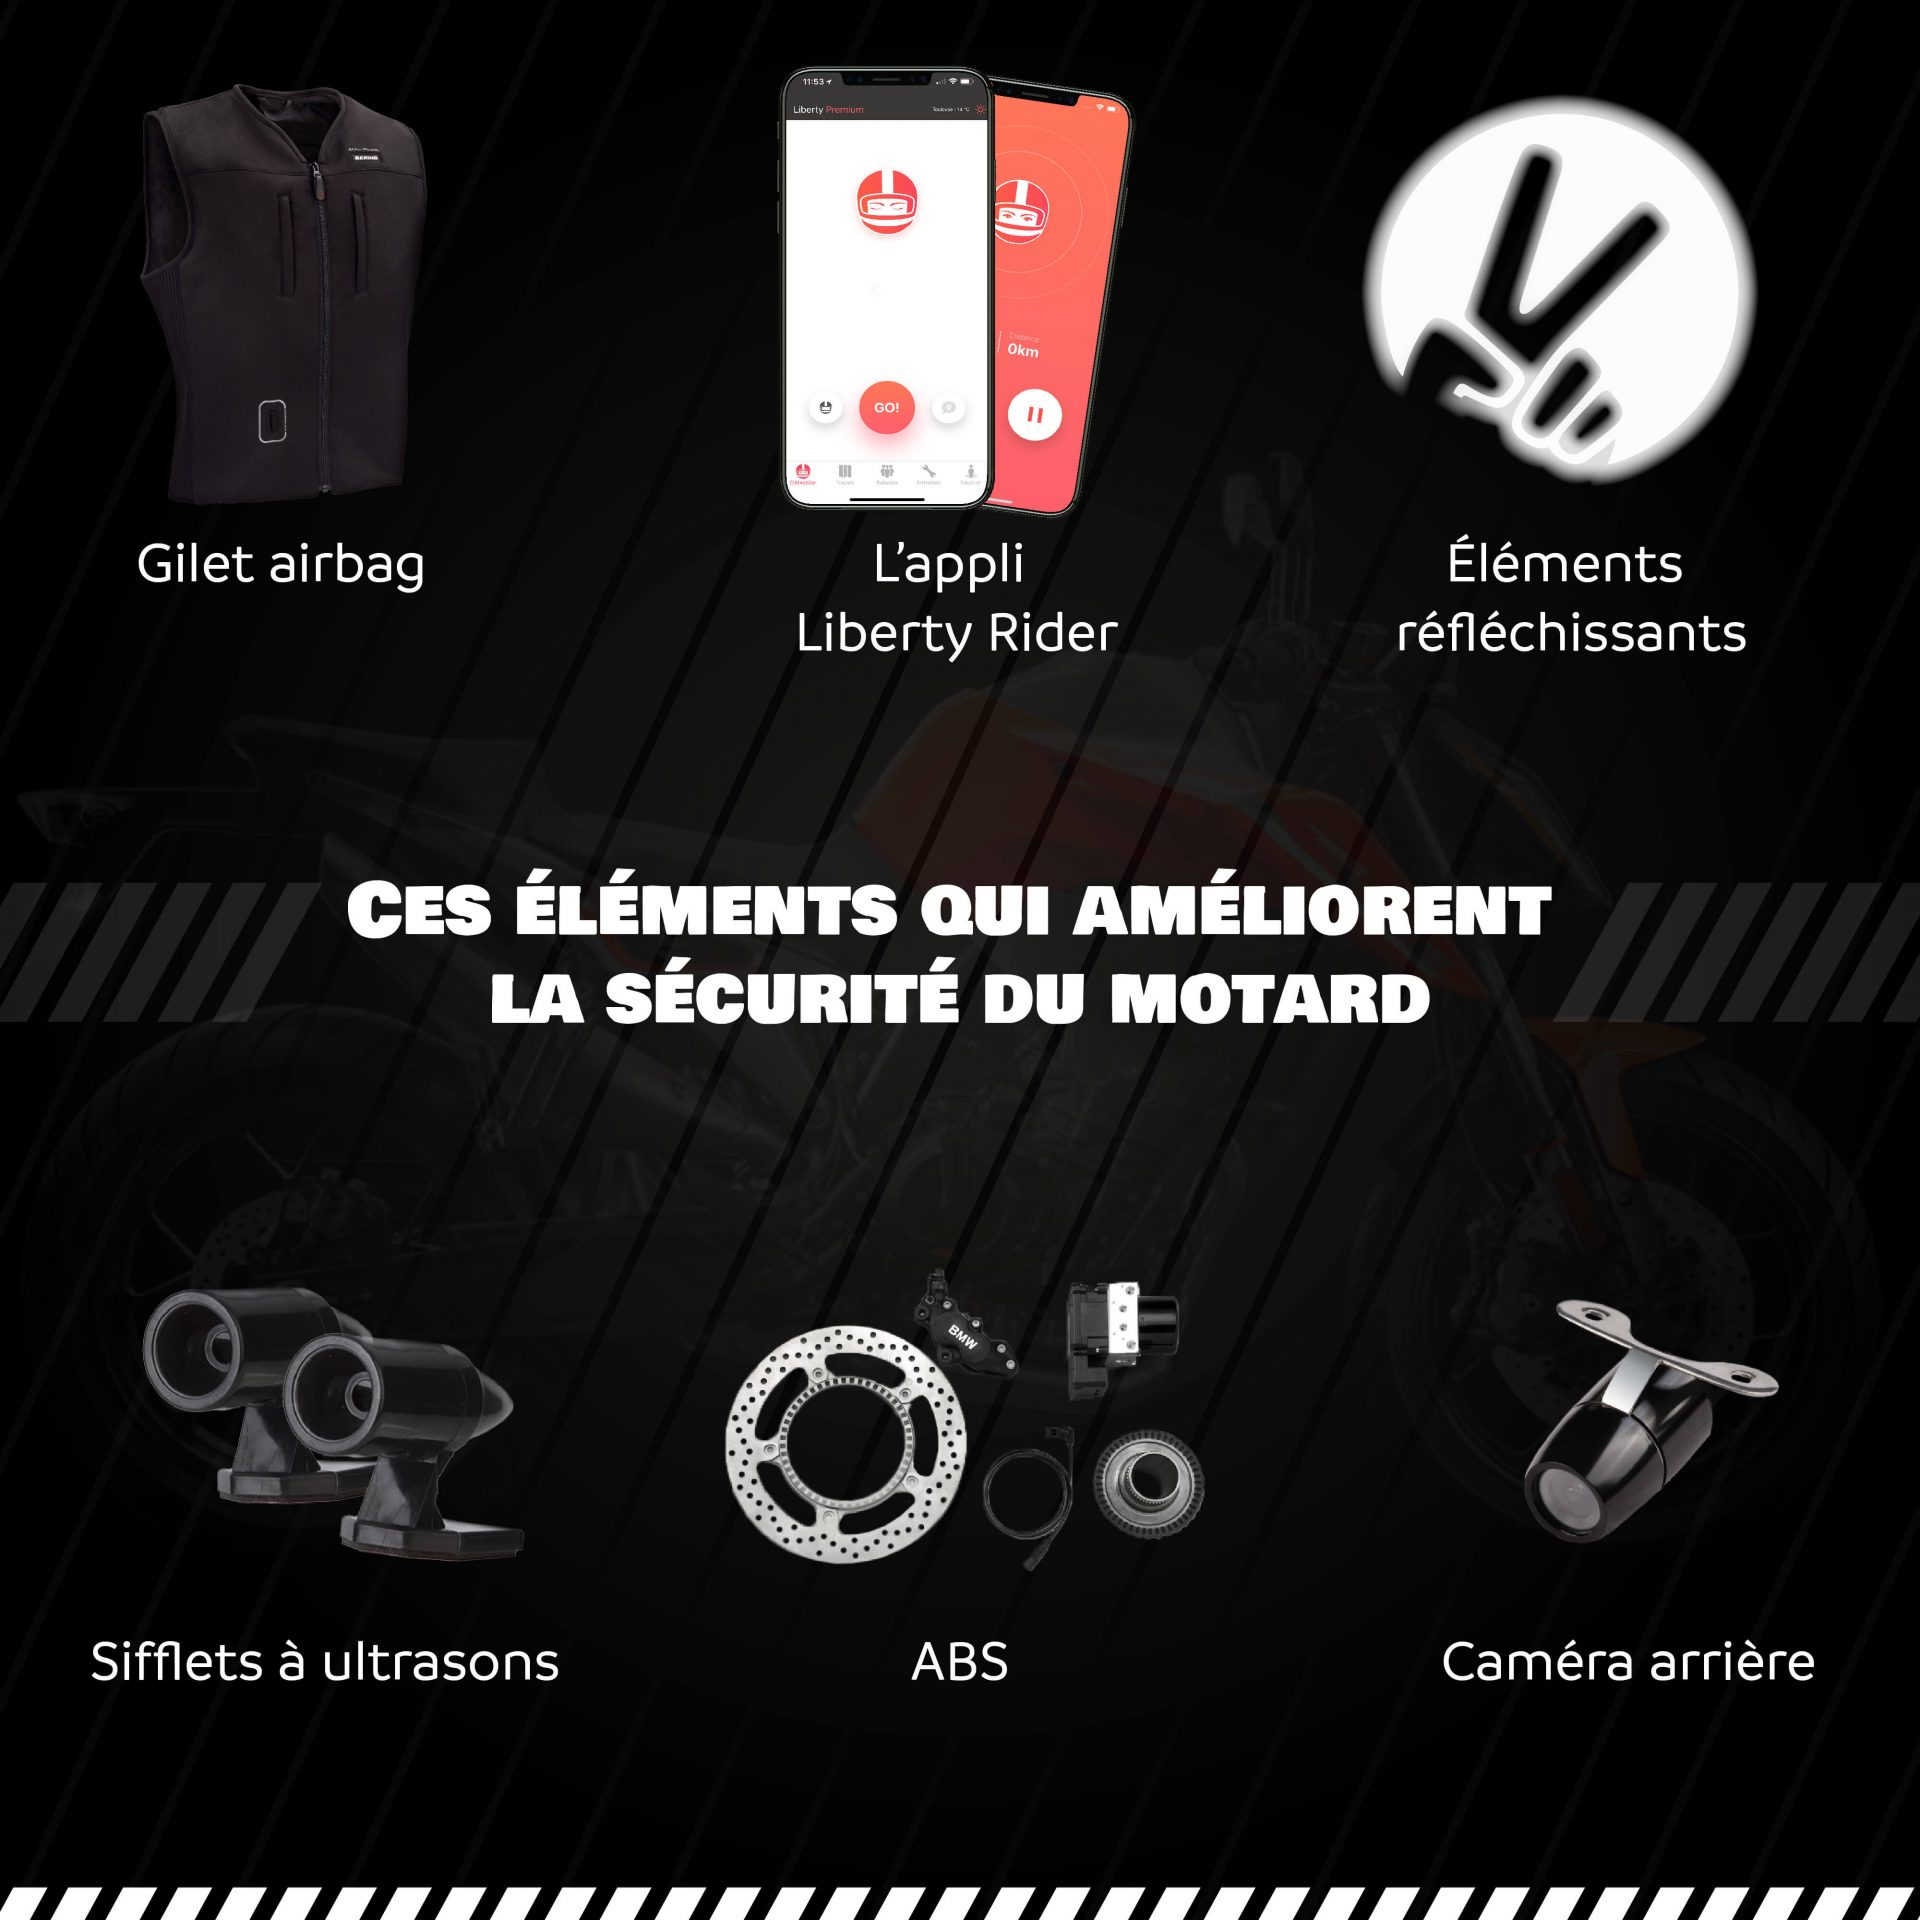 Infographie astuces sécurité 2-roues